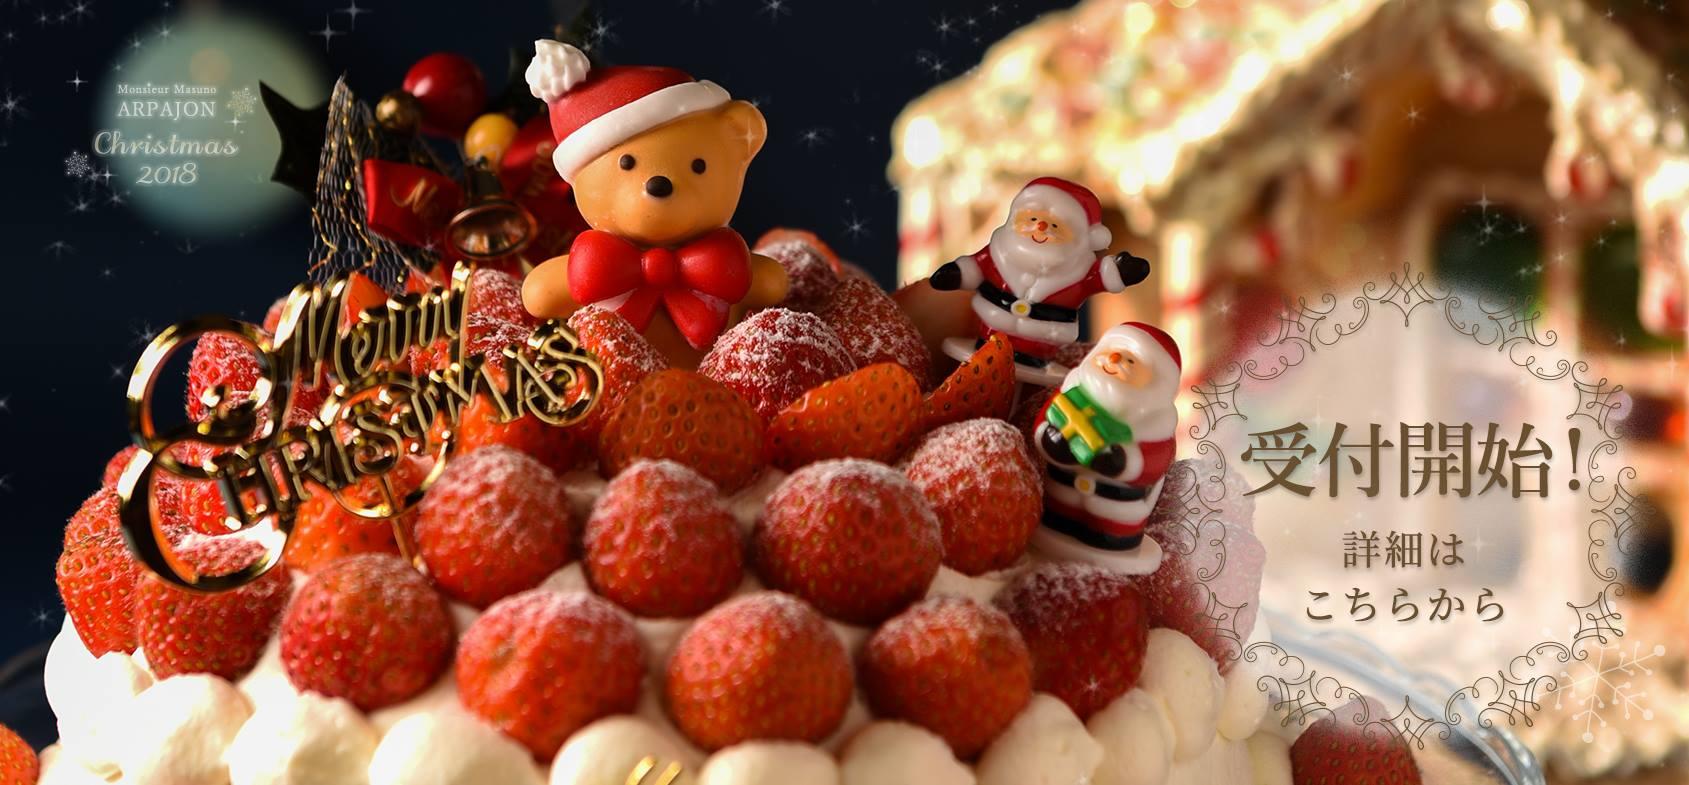 2018年クリスマスケーキ